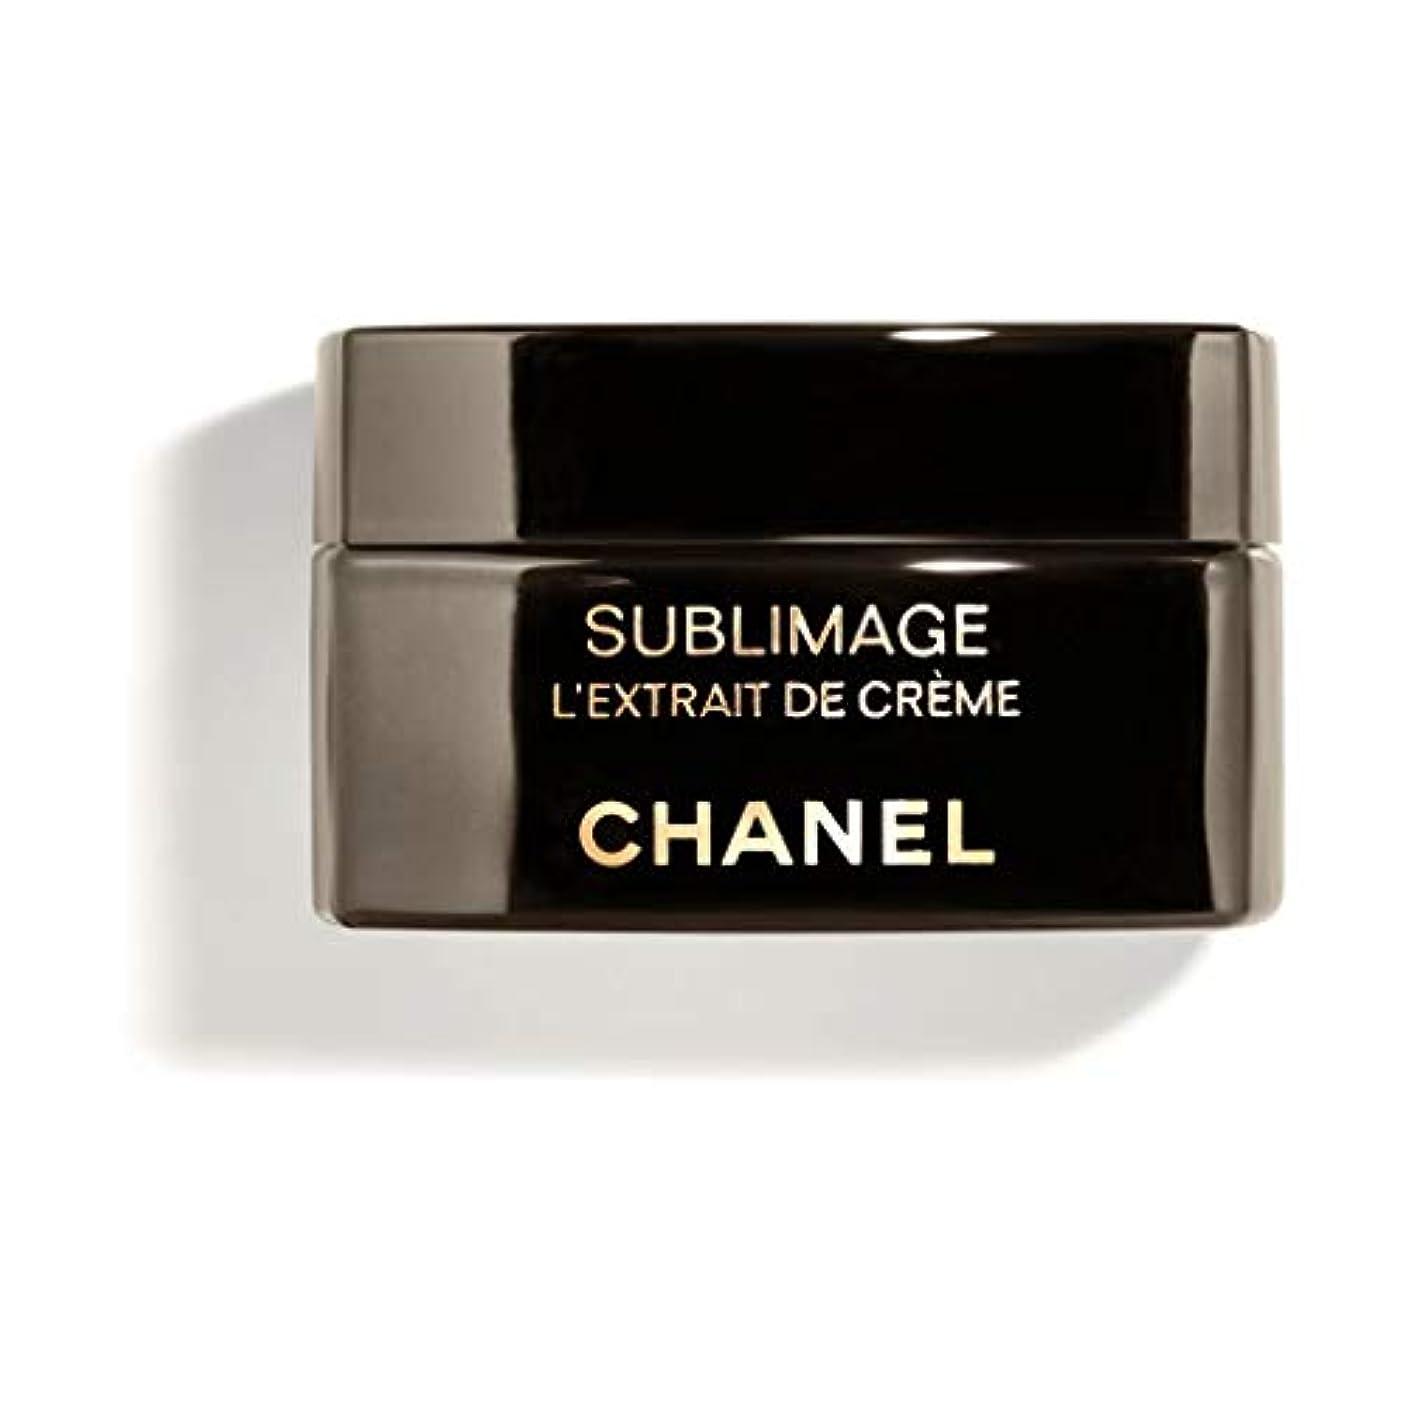 謙虚な挨拶するエンドウCHANEL(シャネル) SUBLIMAGE L EXTRAIT DE CREME サブリマージュ レクストレ ドゥ クレーム 50g